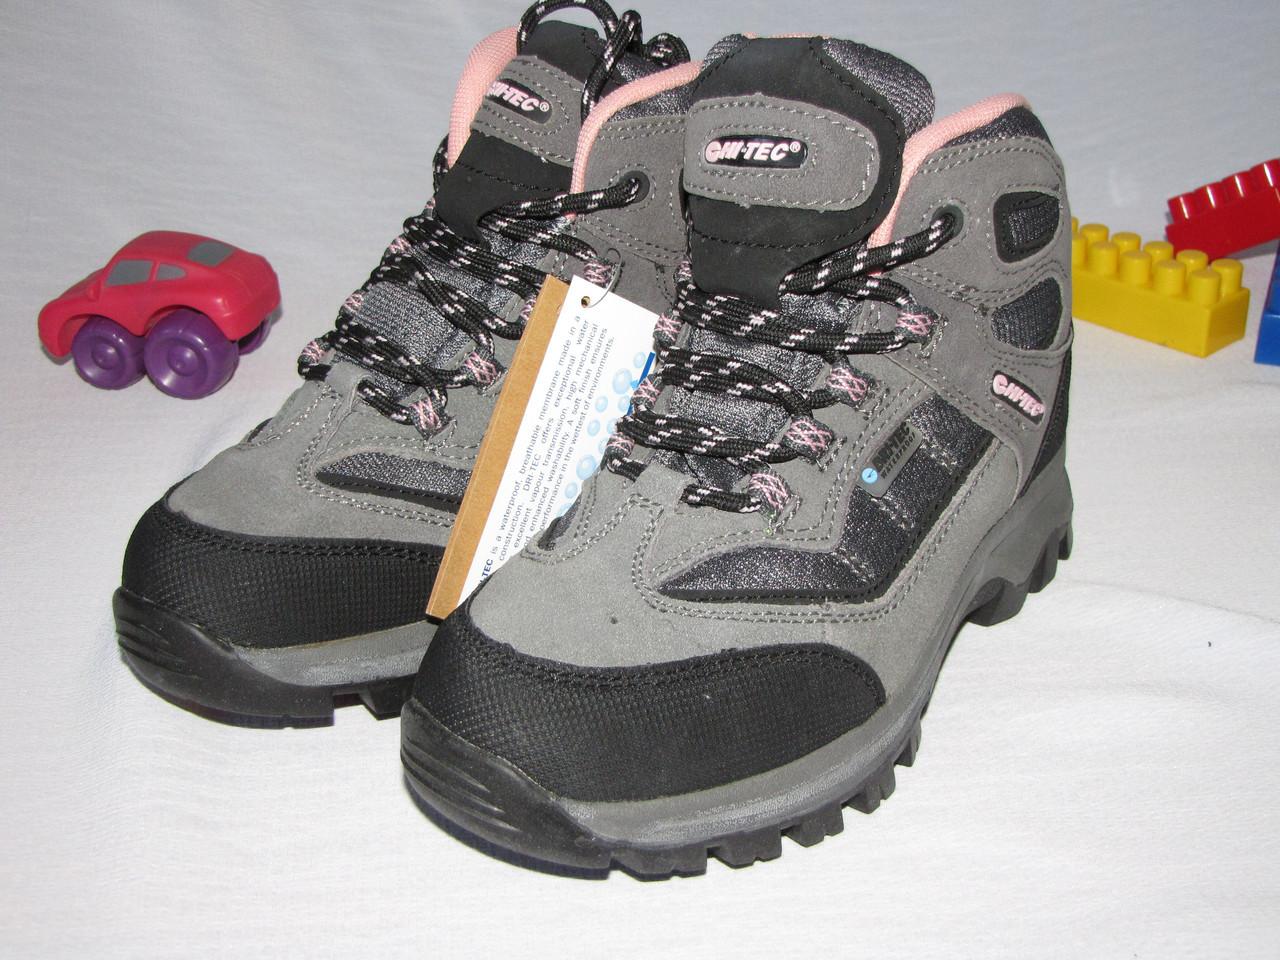 Ботинки для девочки осень зима  Hi-Tech оригинал размер 33 серые+розовые 08020/02